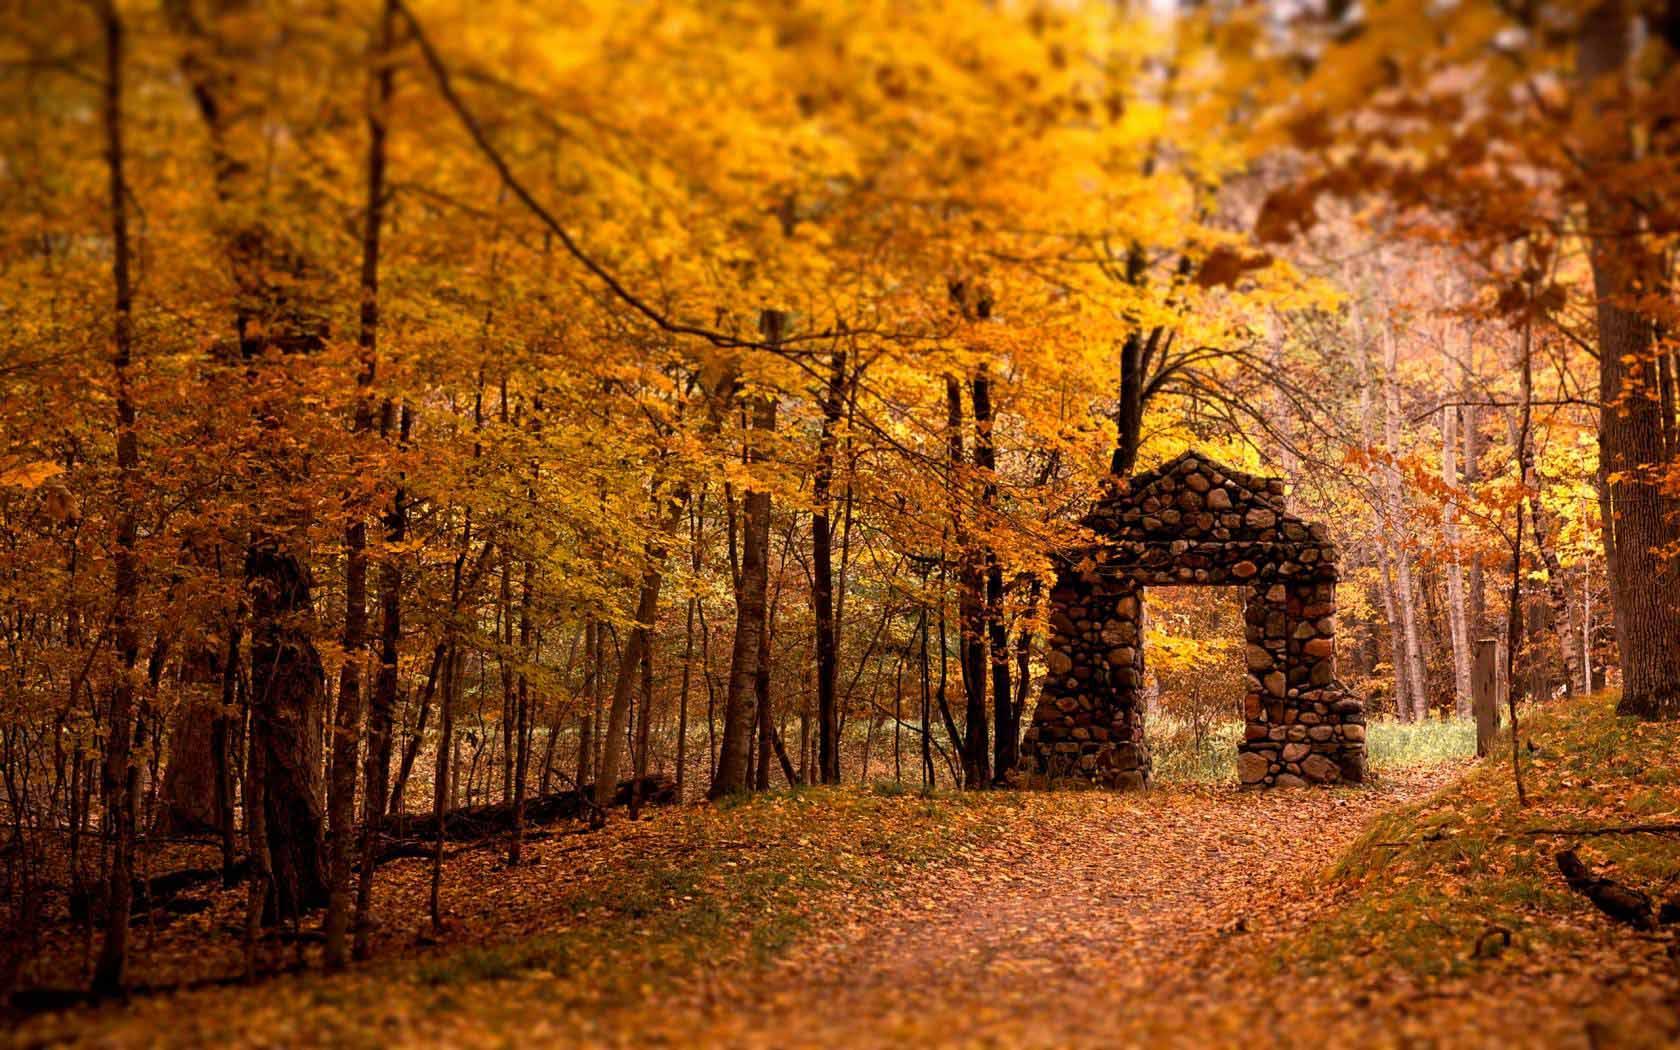 Autumn Forest Wallpaper 4k 1600x1000 Download Hd Wallpaper Wallpapertip